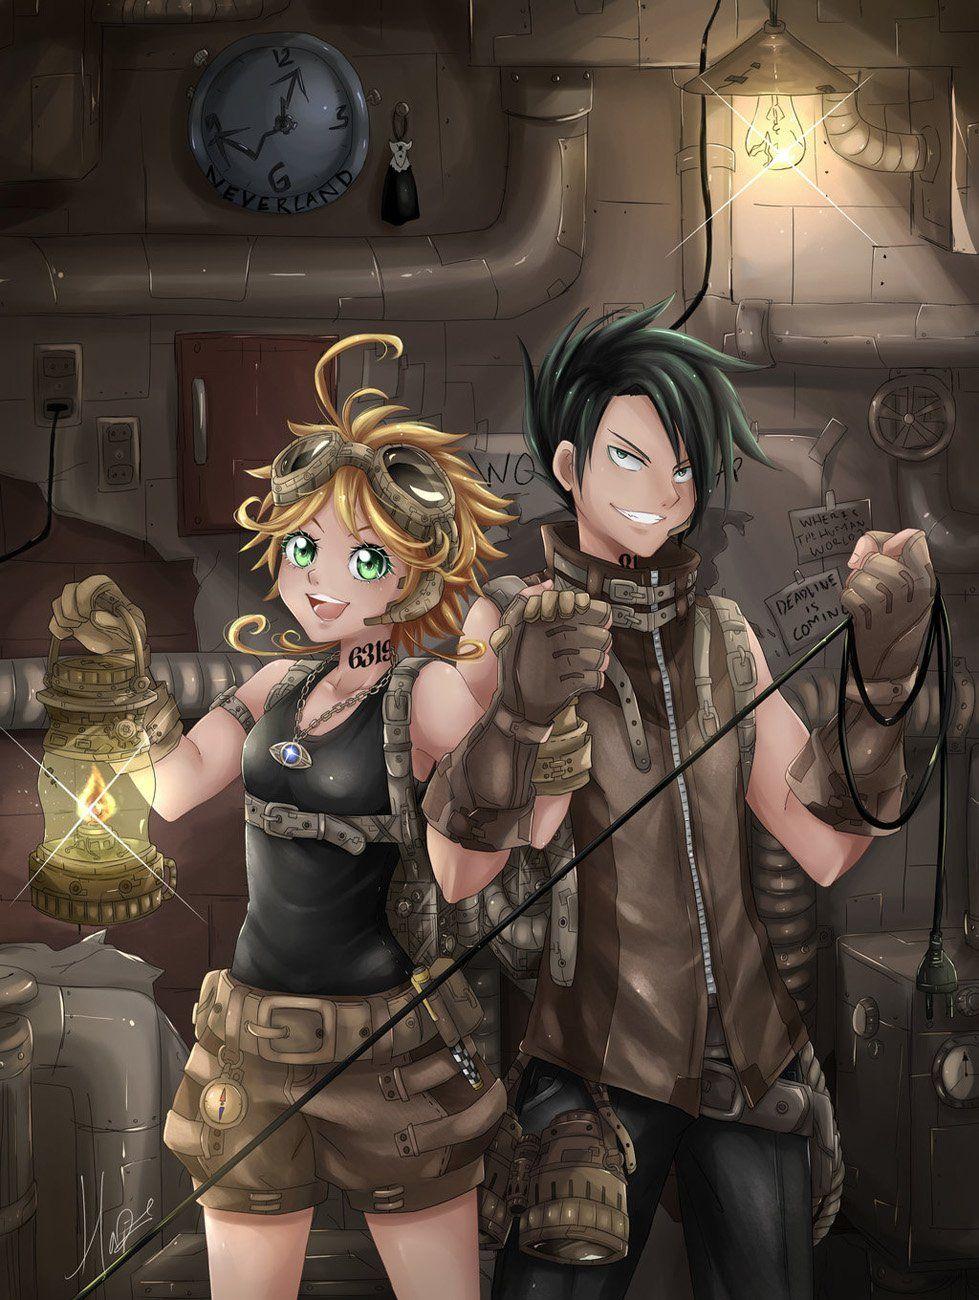 مانجا The Promised Neverland الفصل 56 مترجم مانجا اون لاين Neverland Anime Chapter 55